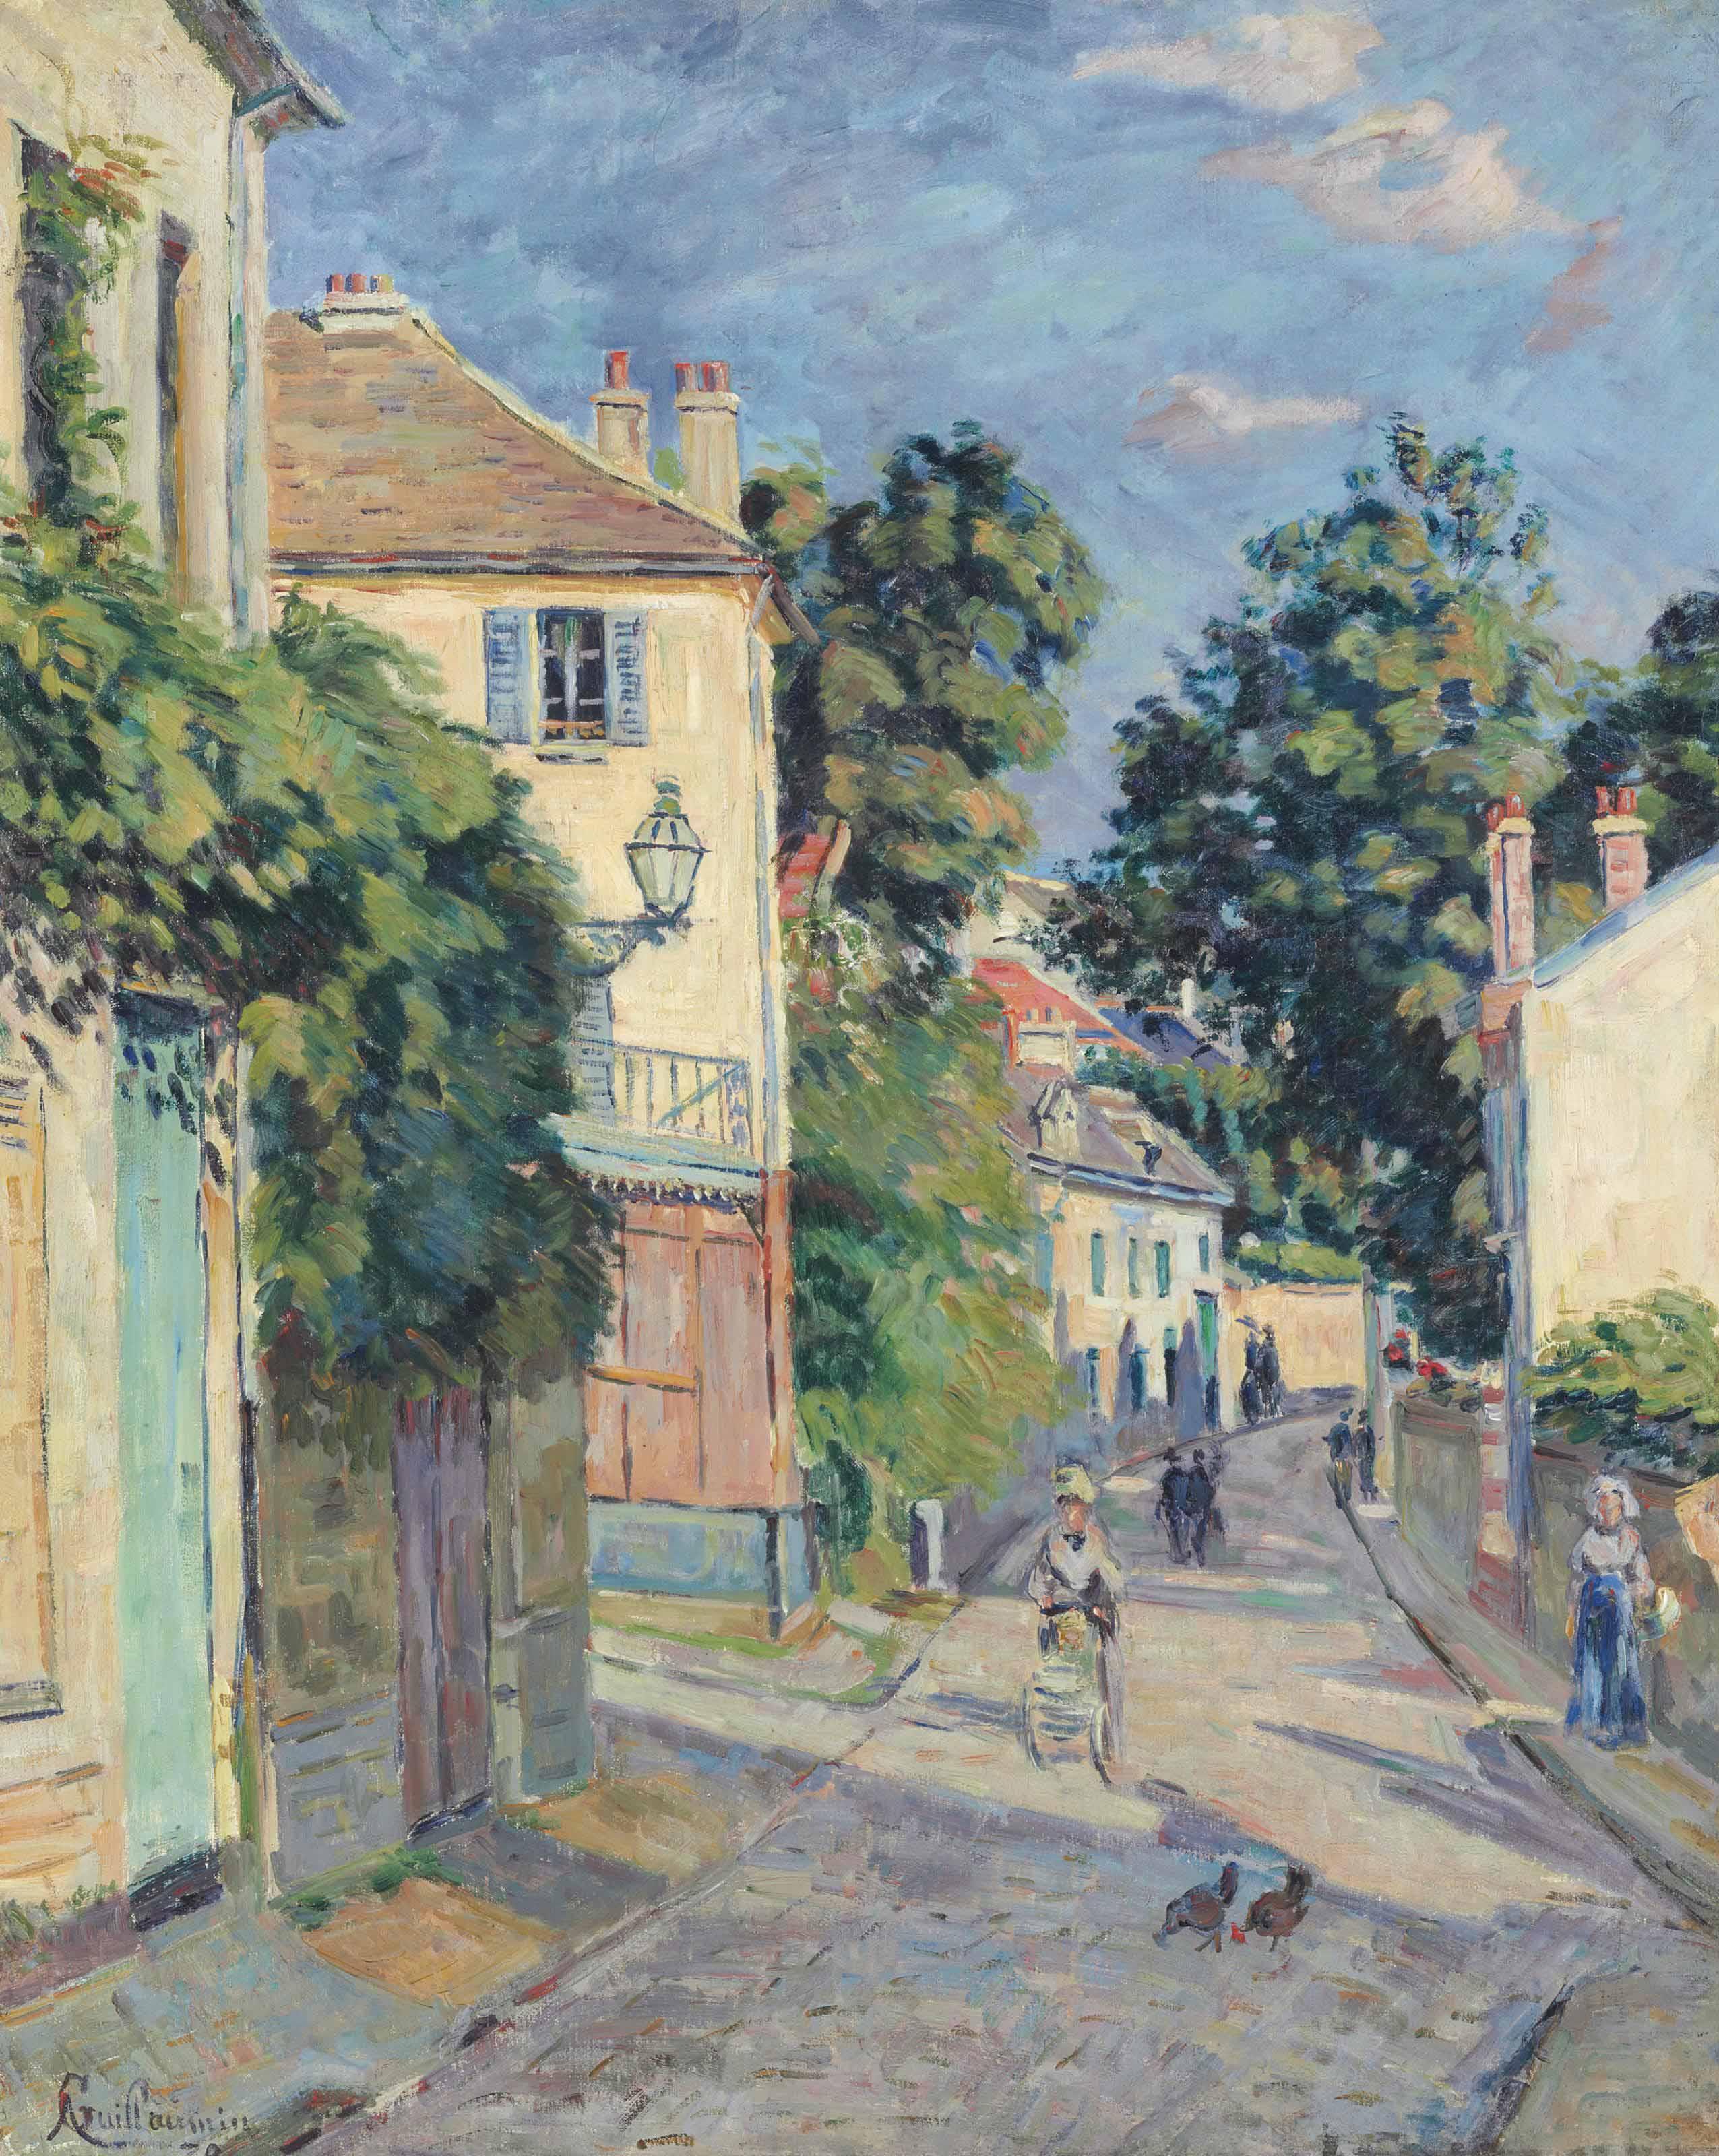 Une rue en Ile-de-France